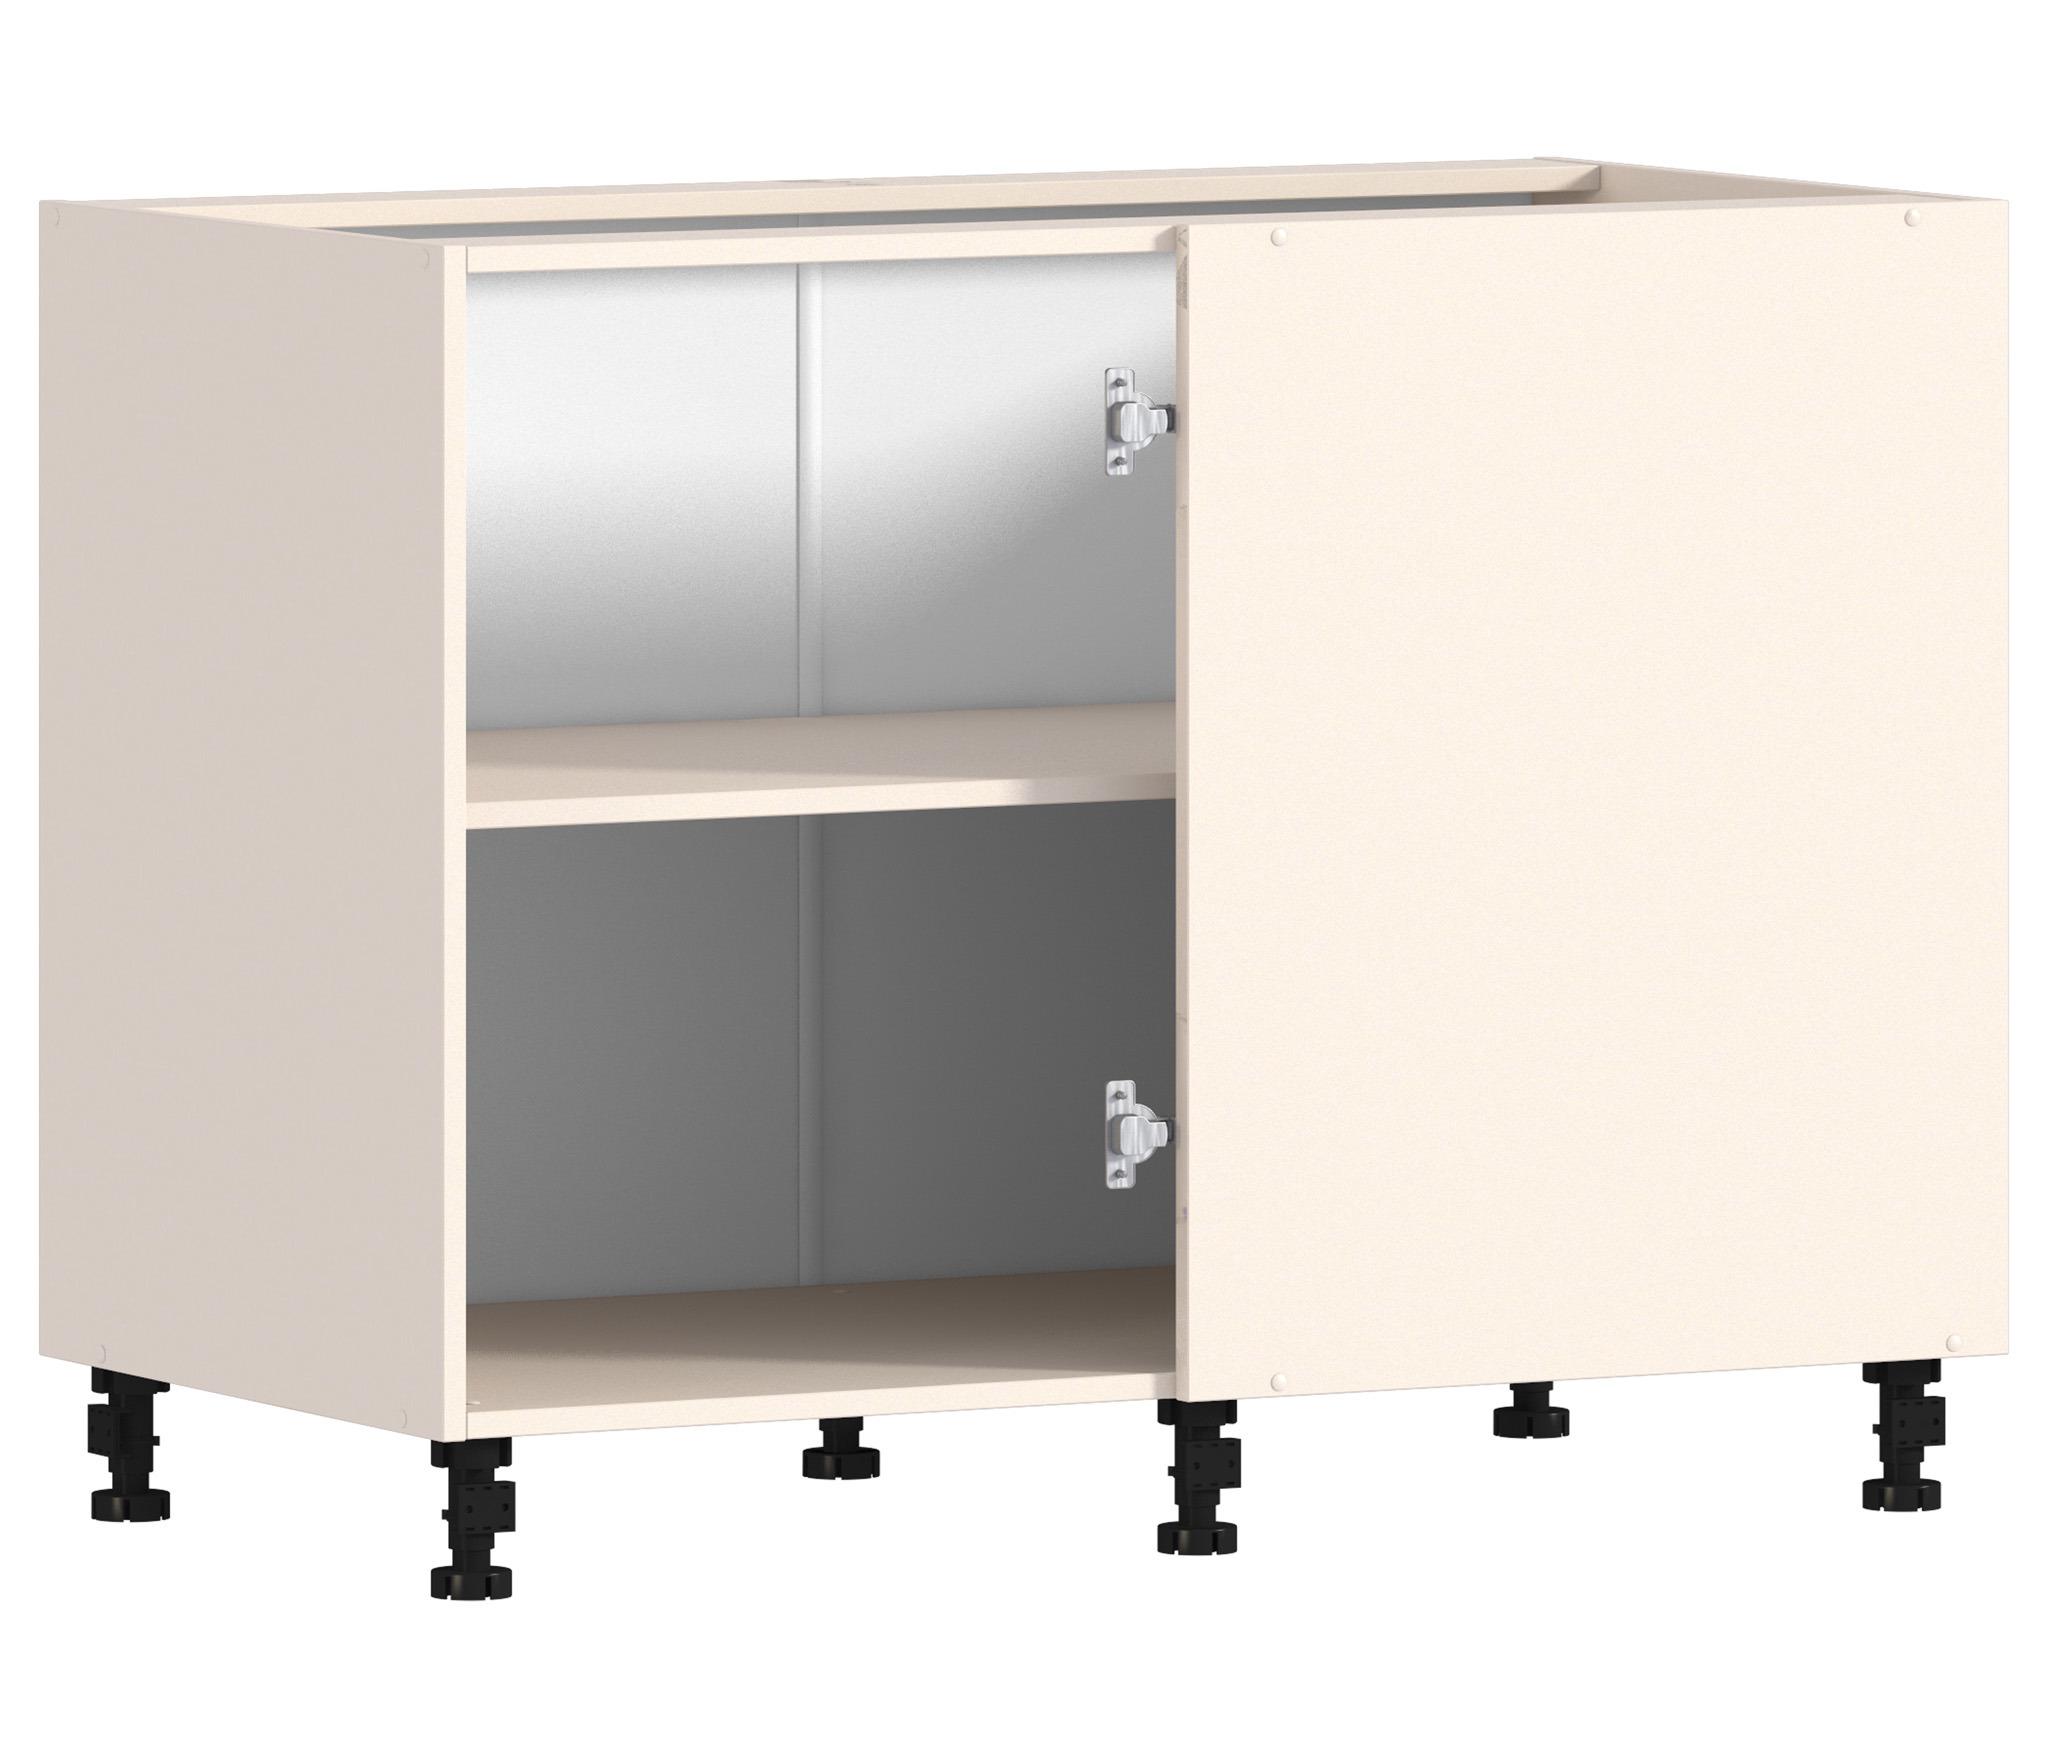 Регина РСП-100 Шкаф-Стол угловой (правый/левый)Мебель для кухни<br>Корпус для практичного углового шкафа.<br><br>Длина мм: 1087<br>Высота мм: 820<br>Глубина мм: 563